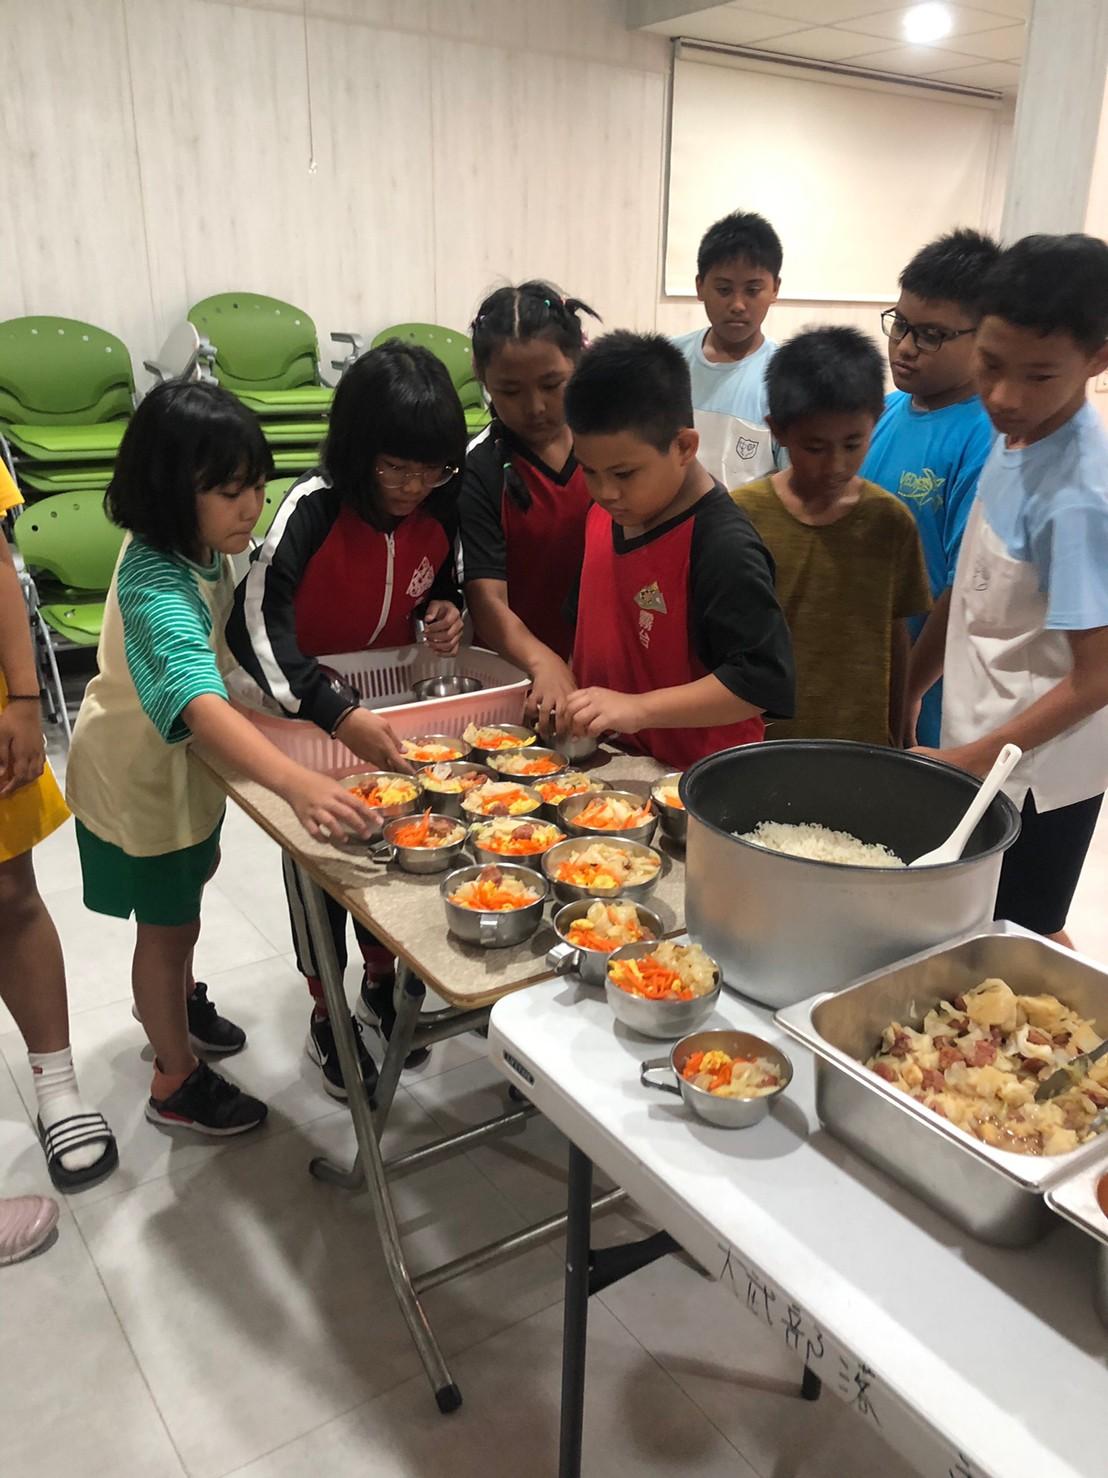 偏鄉弱勢兒童課輔班營養餐費及設備需求扶助計畫